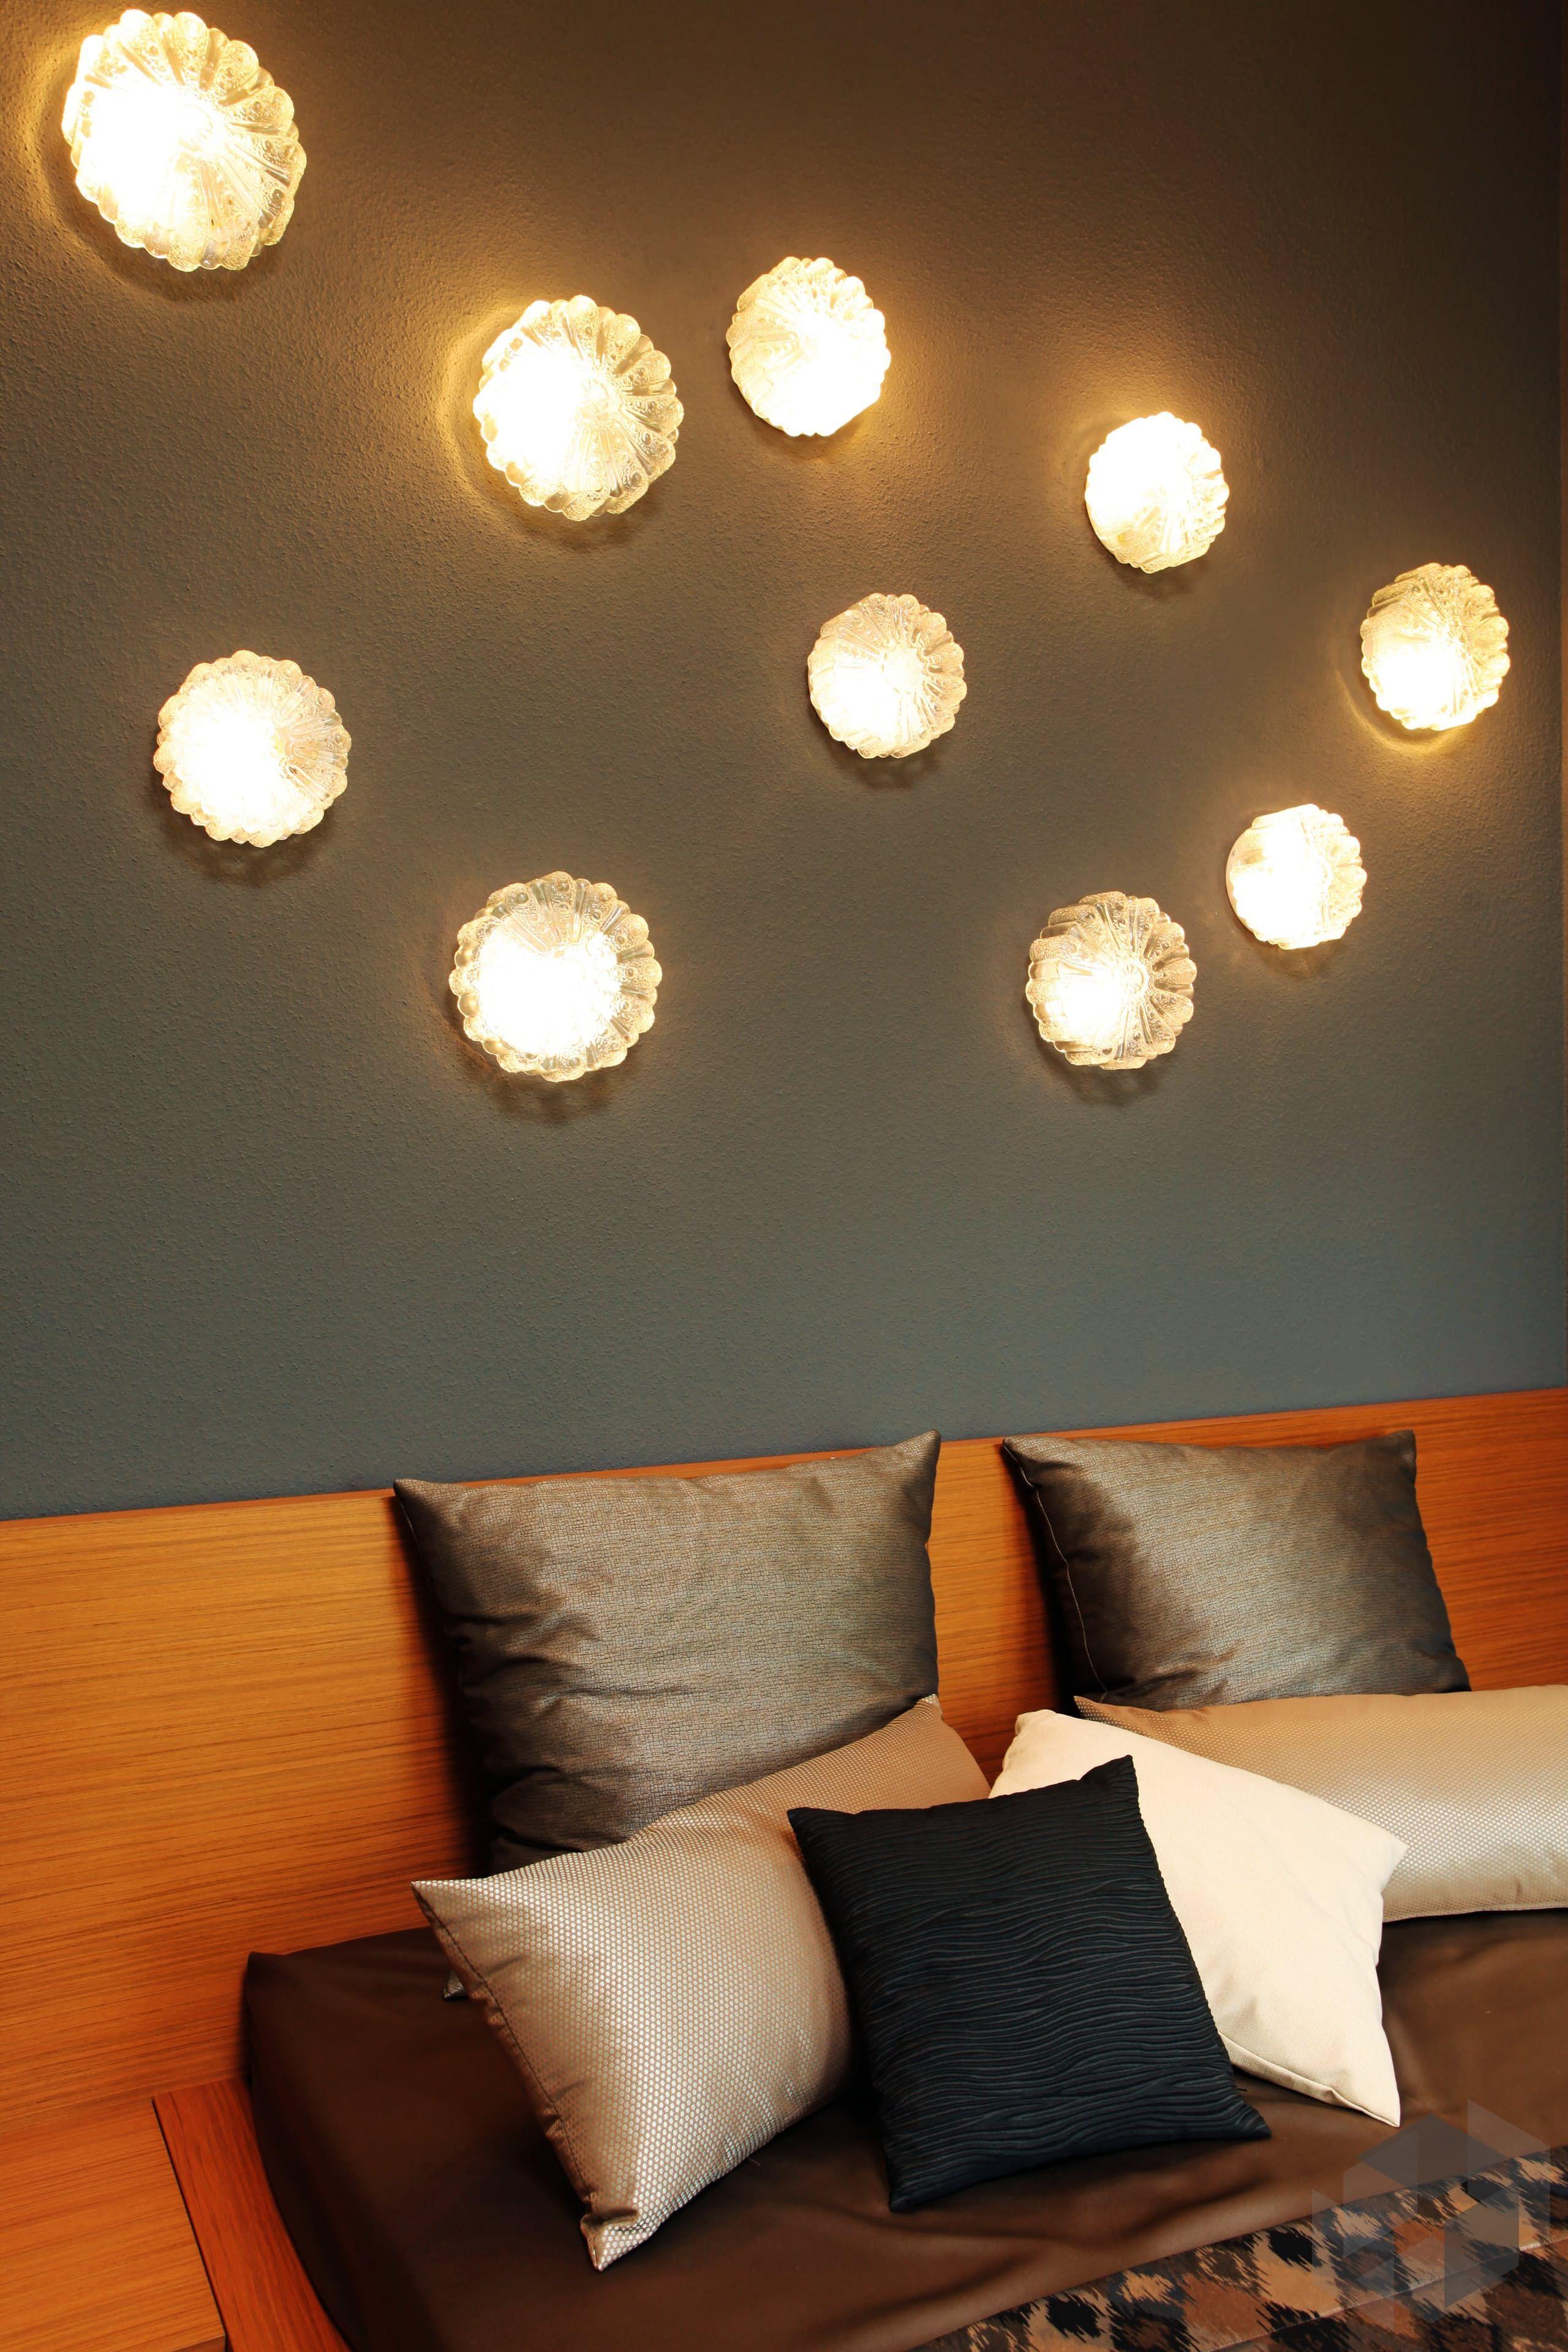 Schlafzimmer Beleuchtung Idee von FingerHaus Alle Infos